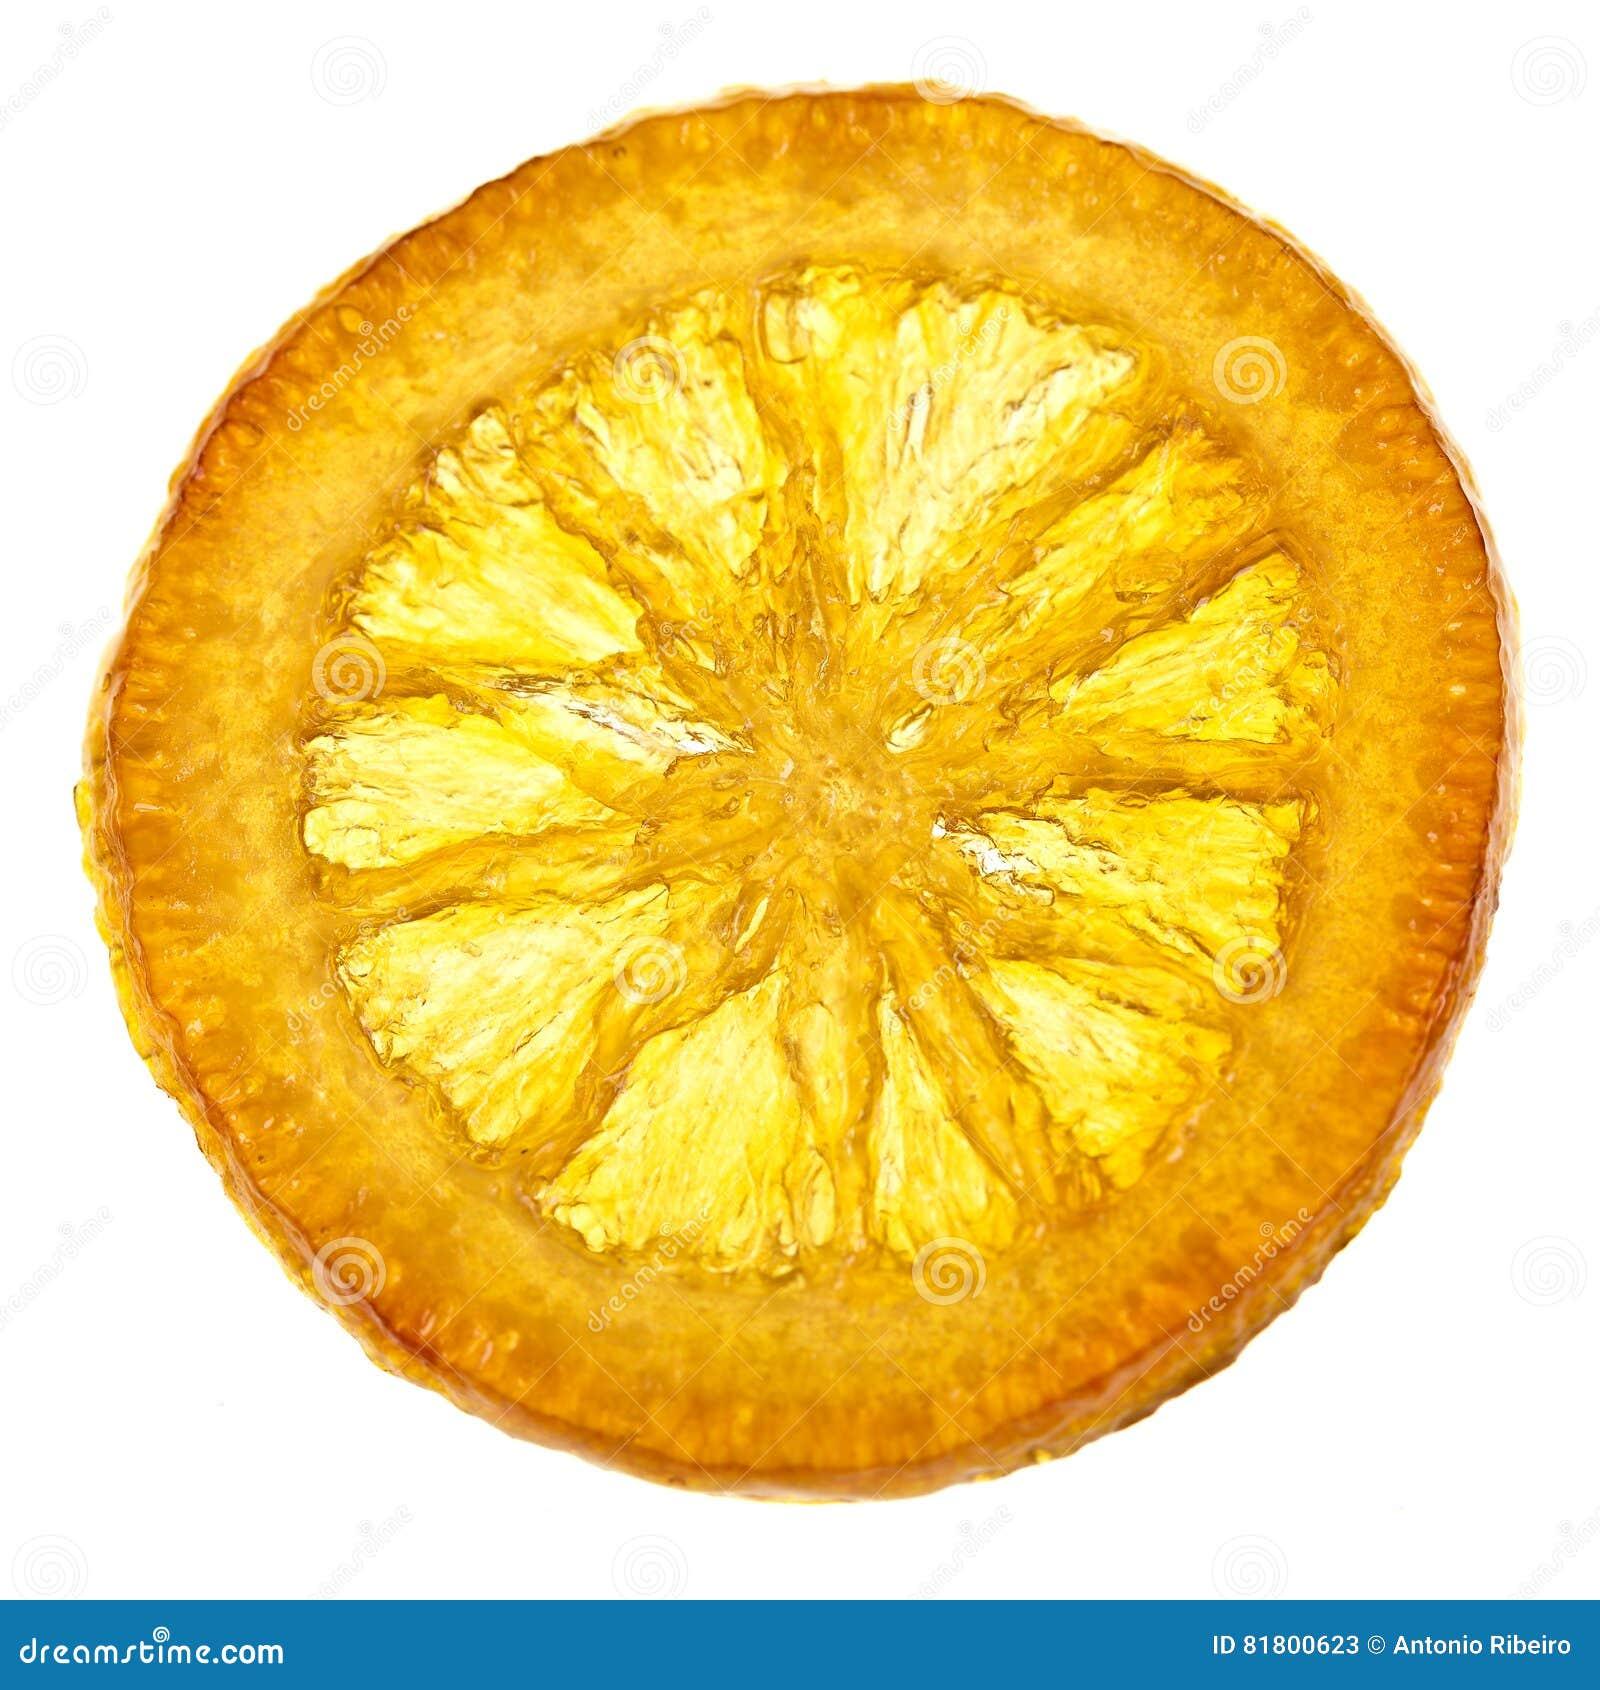 Candied оранжевый кусок